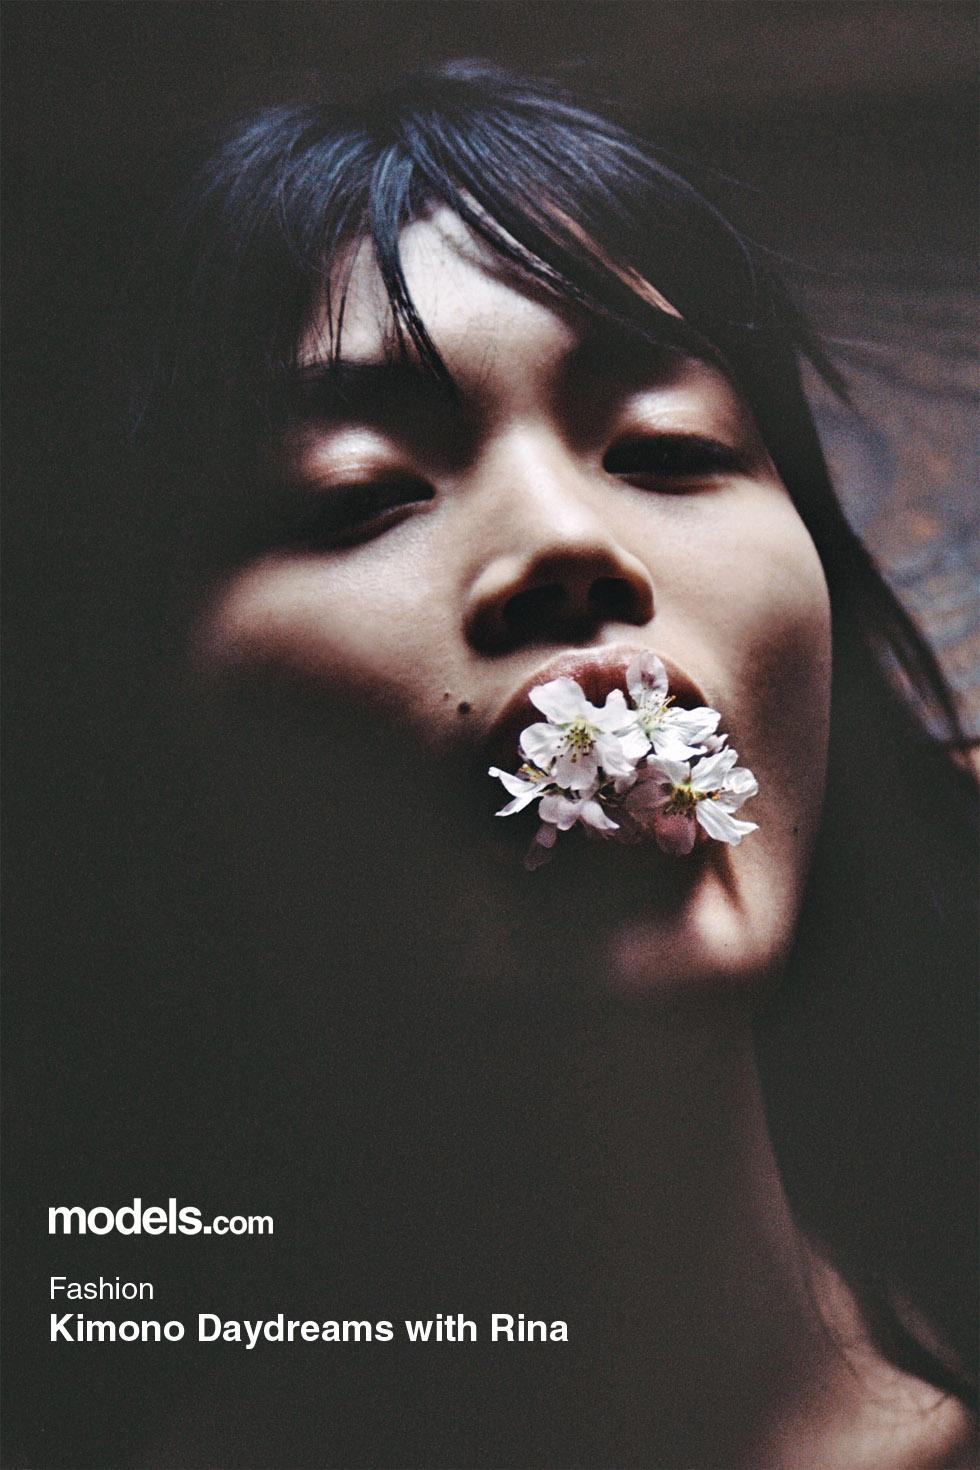 福士リナ – models.com Kimono Daydreams with Rina